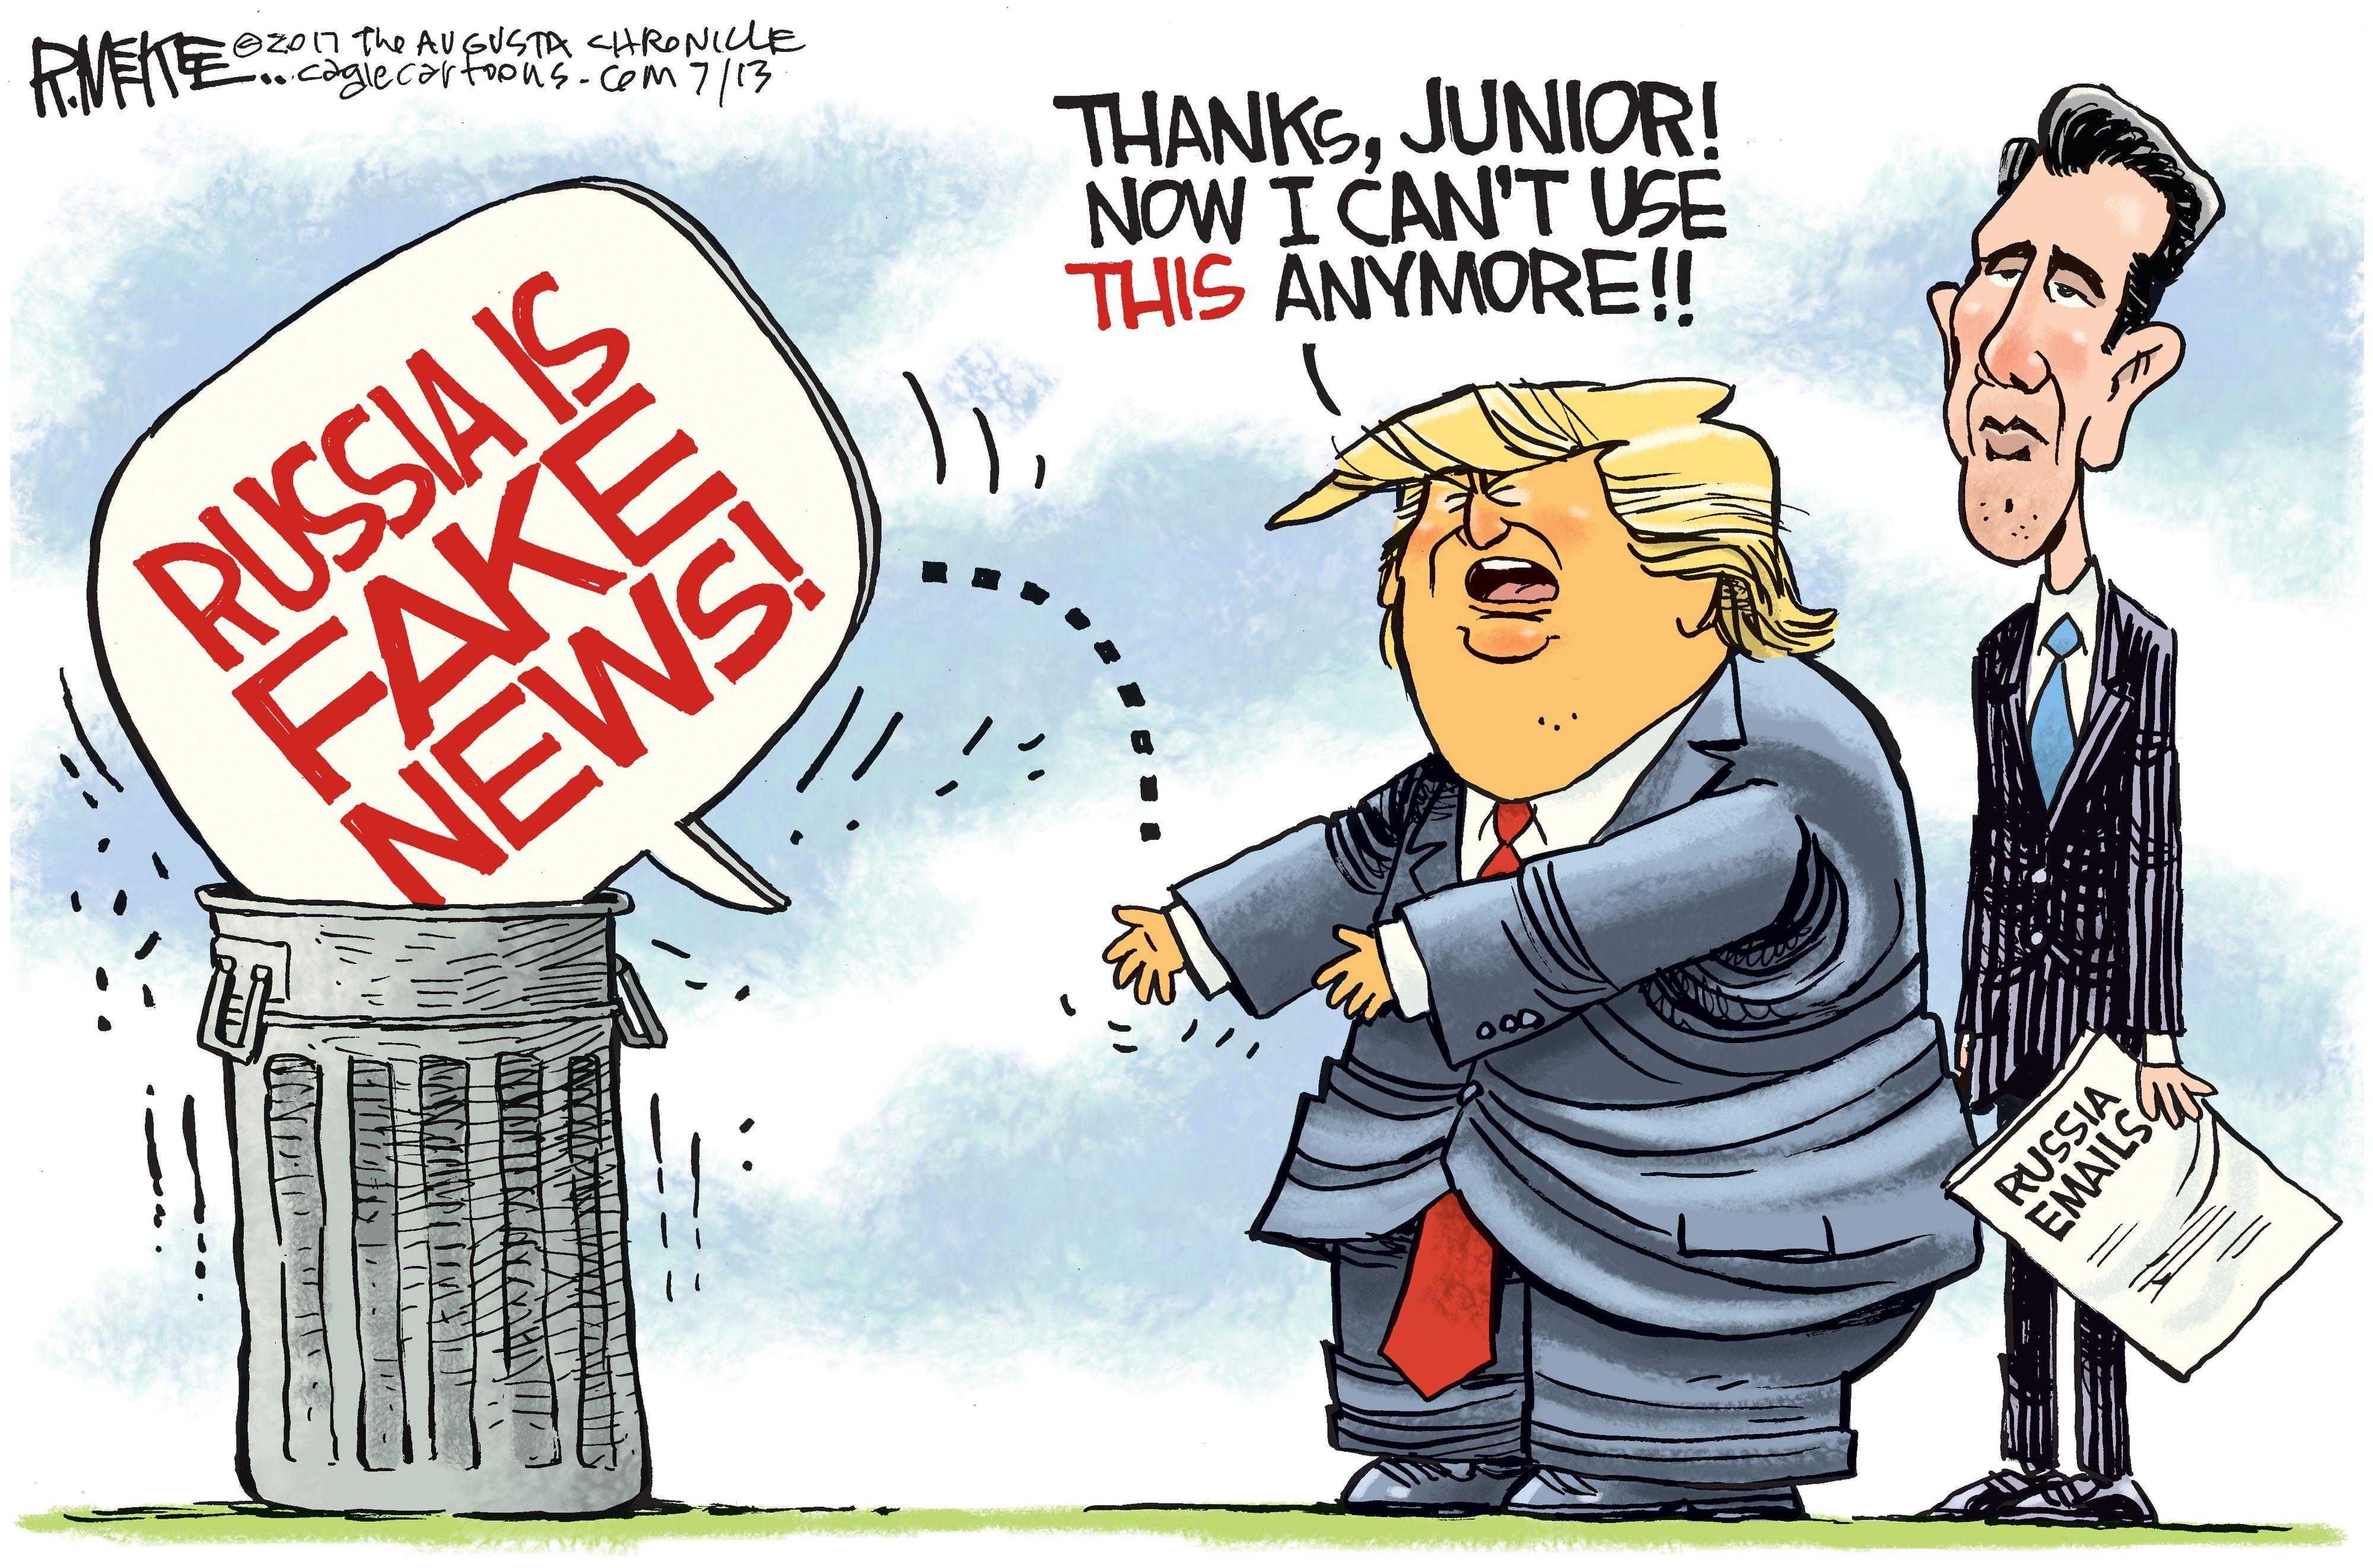 Pin On Cartoons Donald Trump Jr